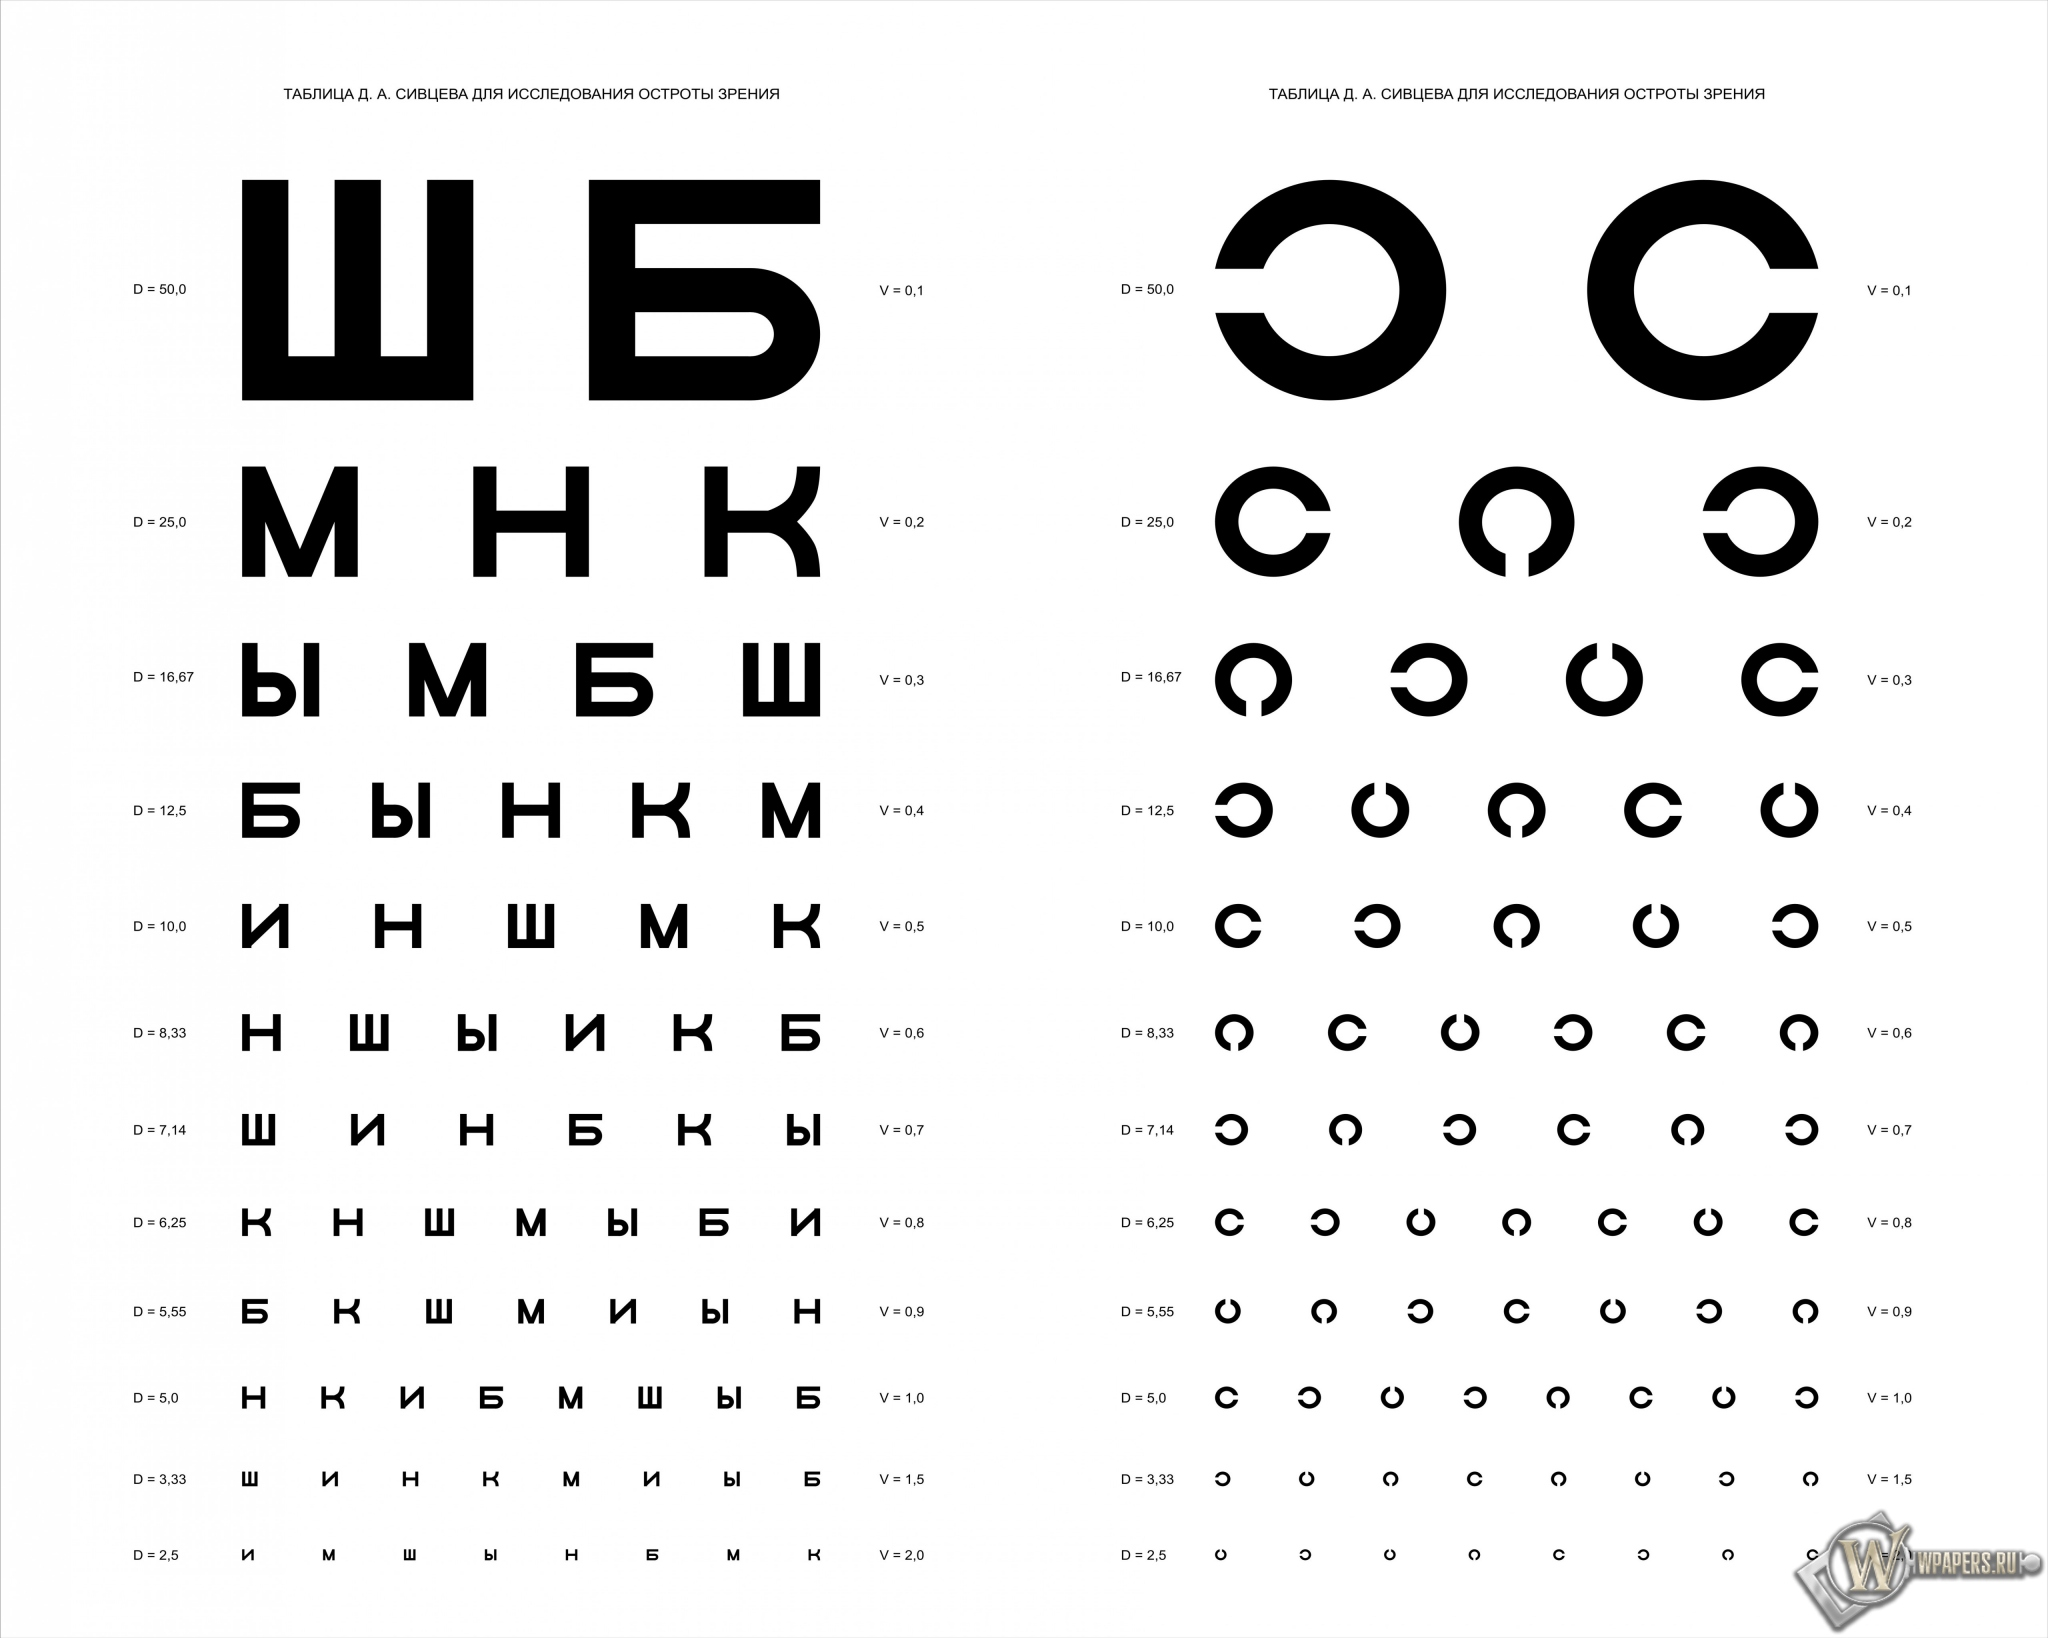 Таблица Д.А. Сивцева для проверки зрения 2048x1638